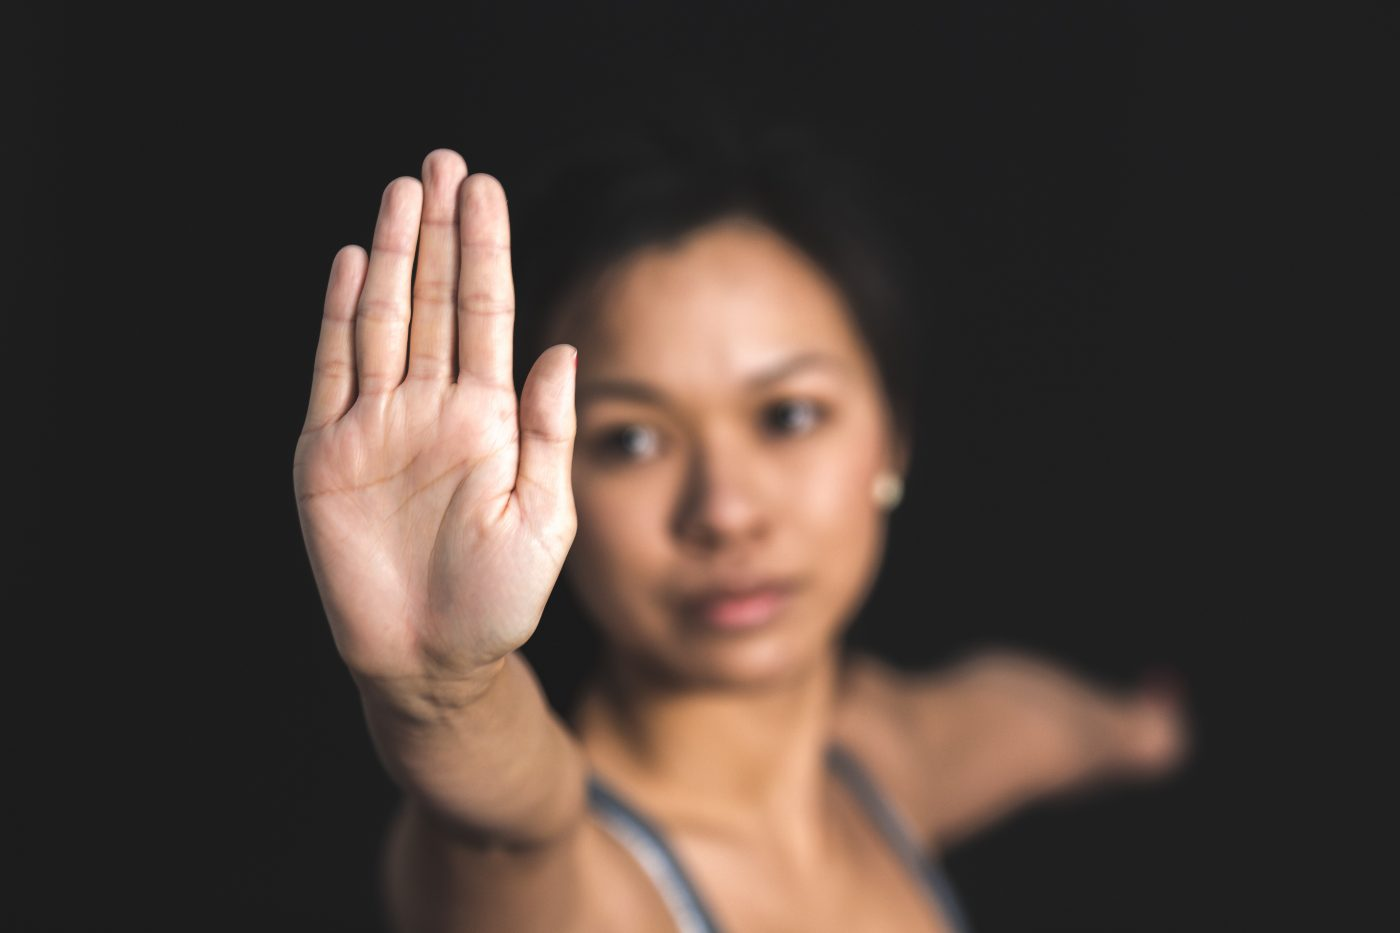 SobreVIVA, Lute por você – Técnicas de autodefesa para mulheres